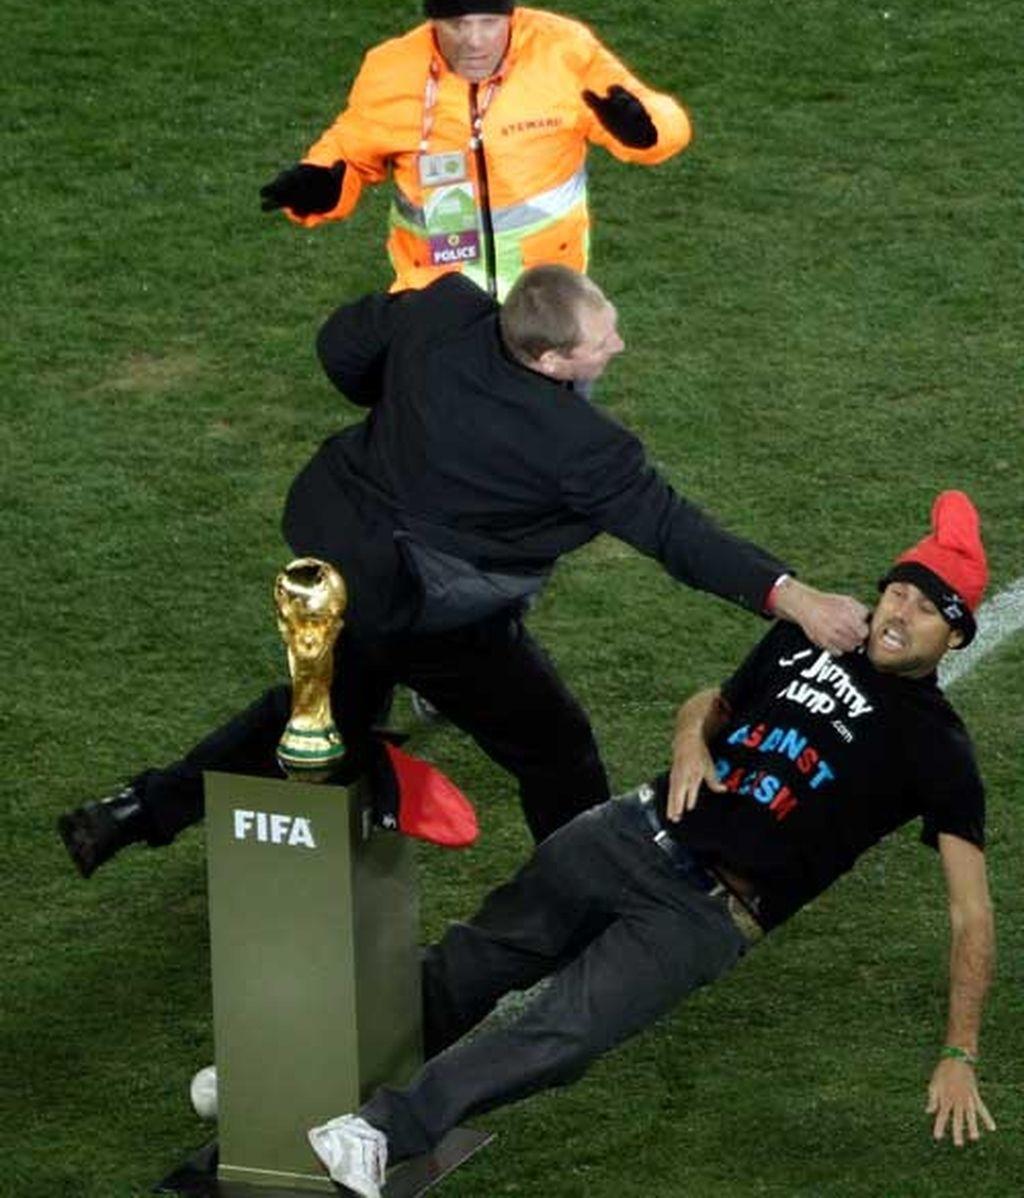 Jimmy Jump, en la final del Mundial